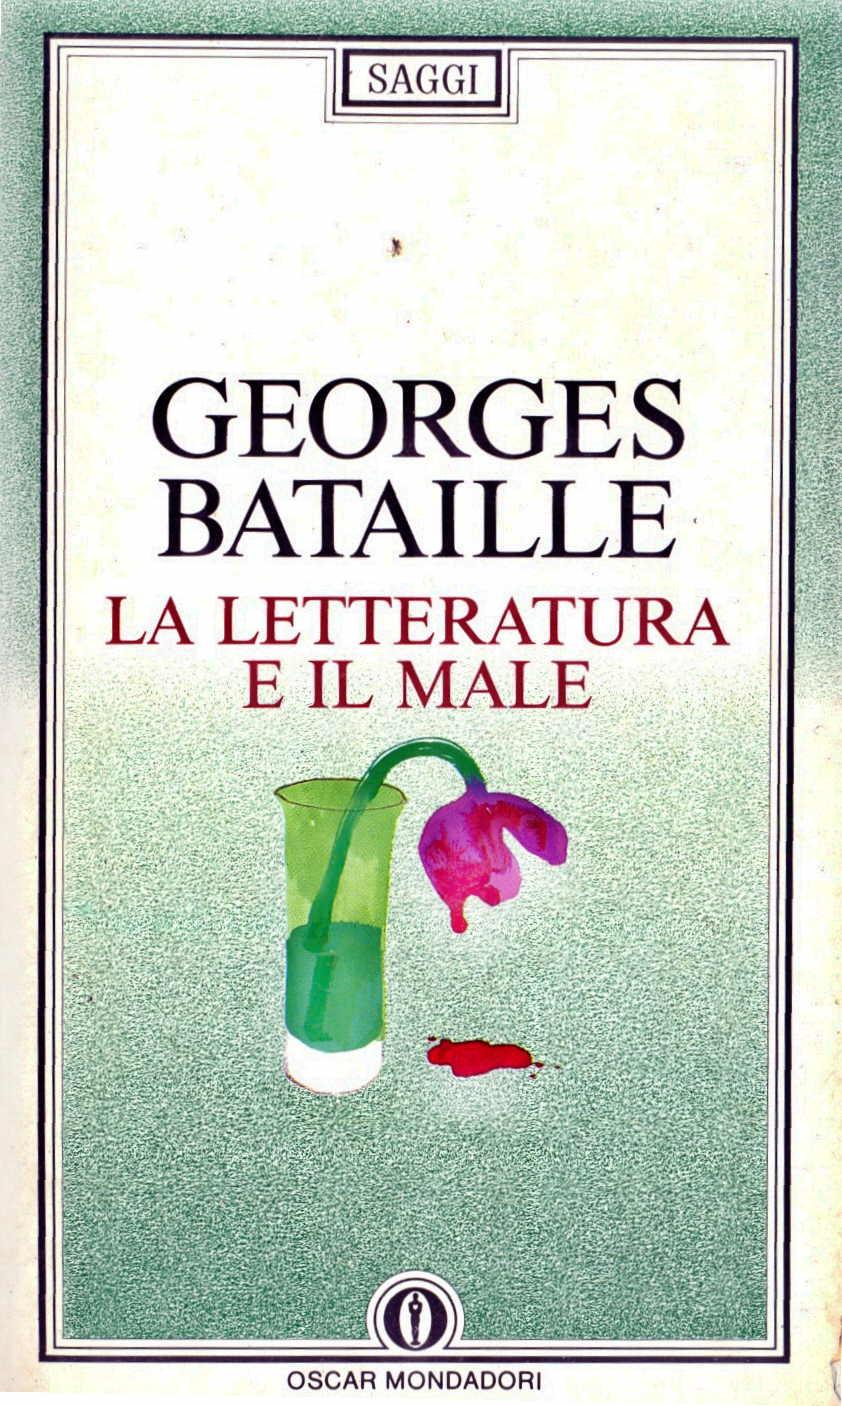 La letteratura e il male